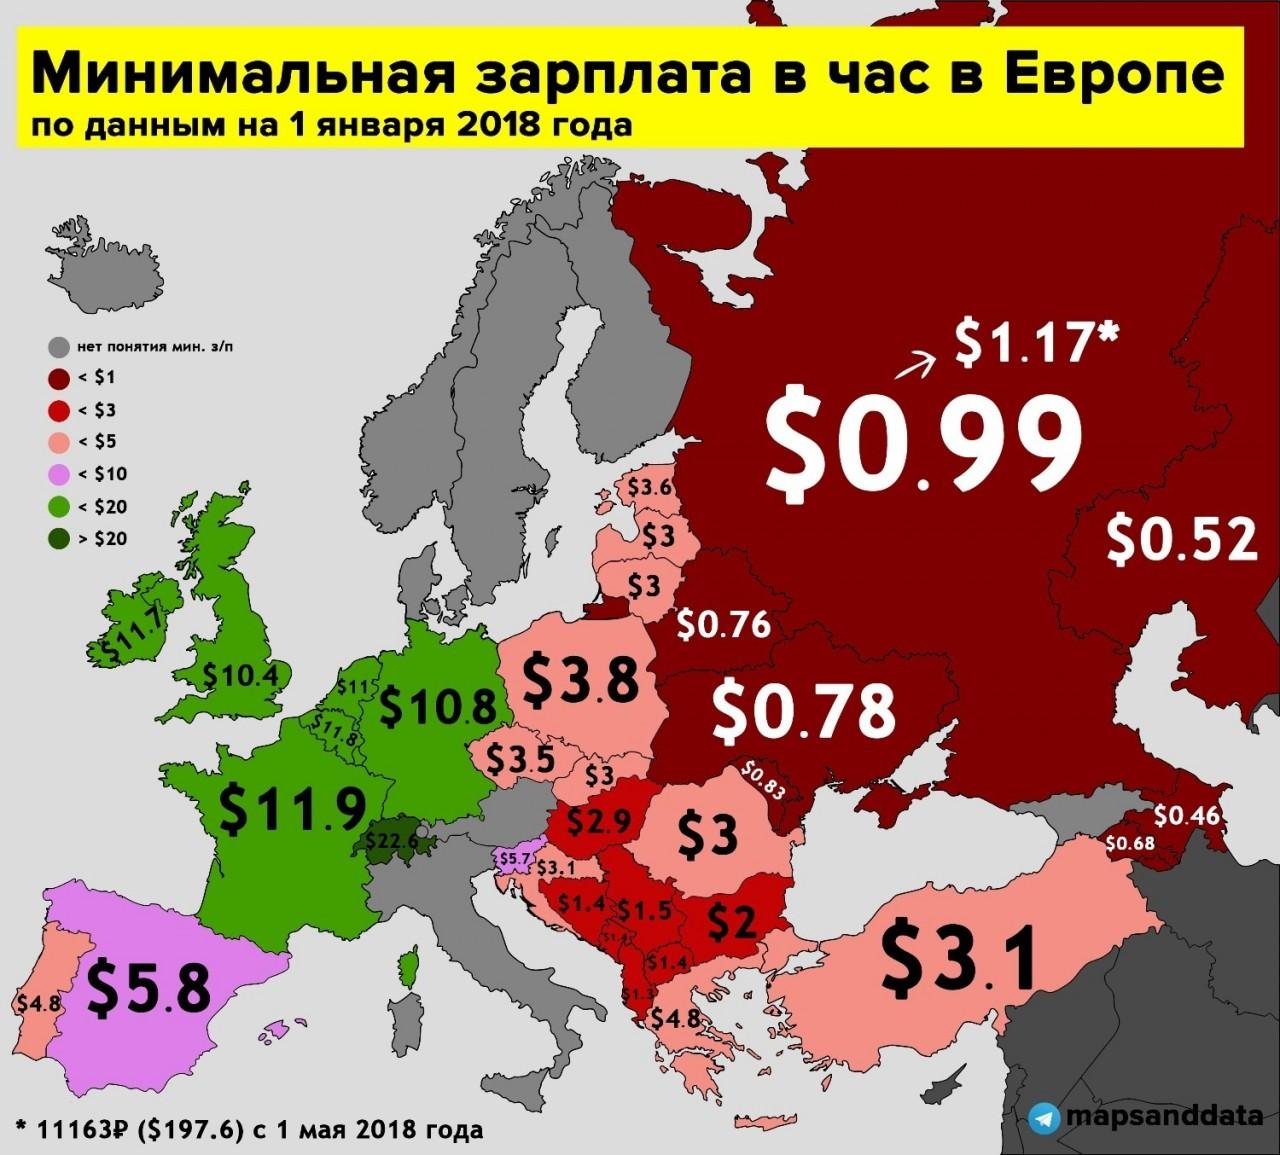 Какая зарплата в час в Европе